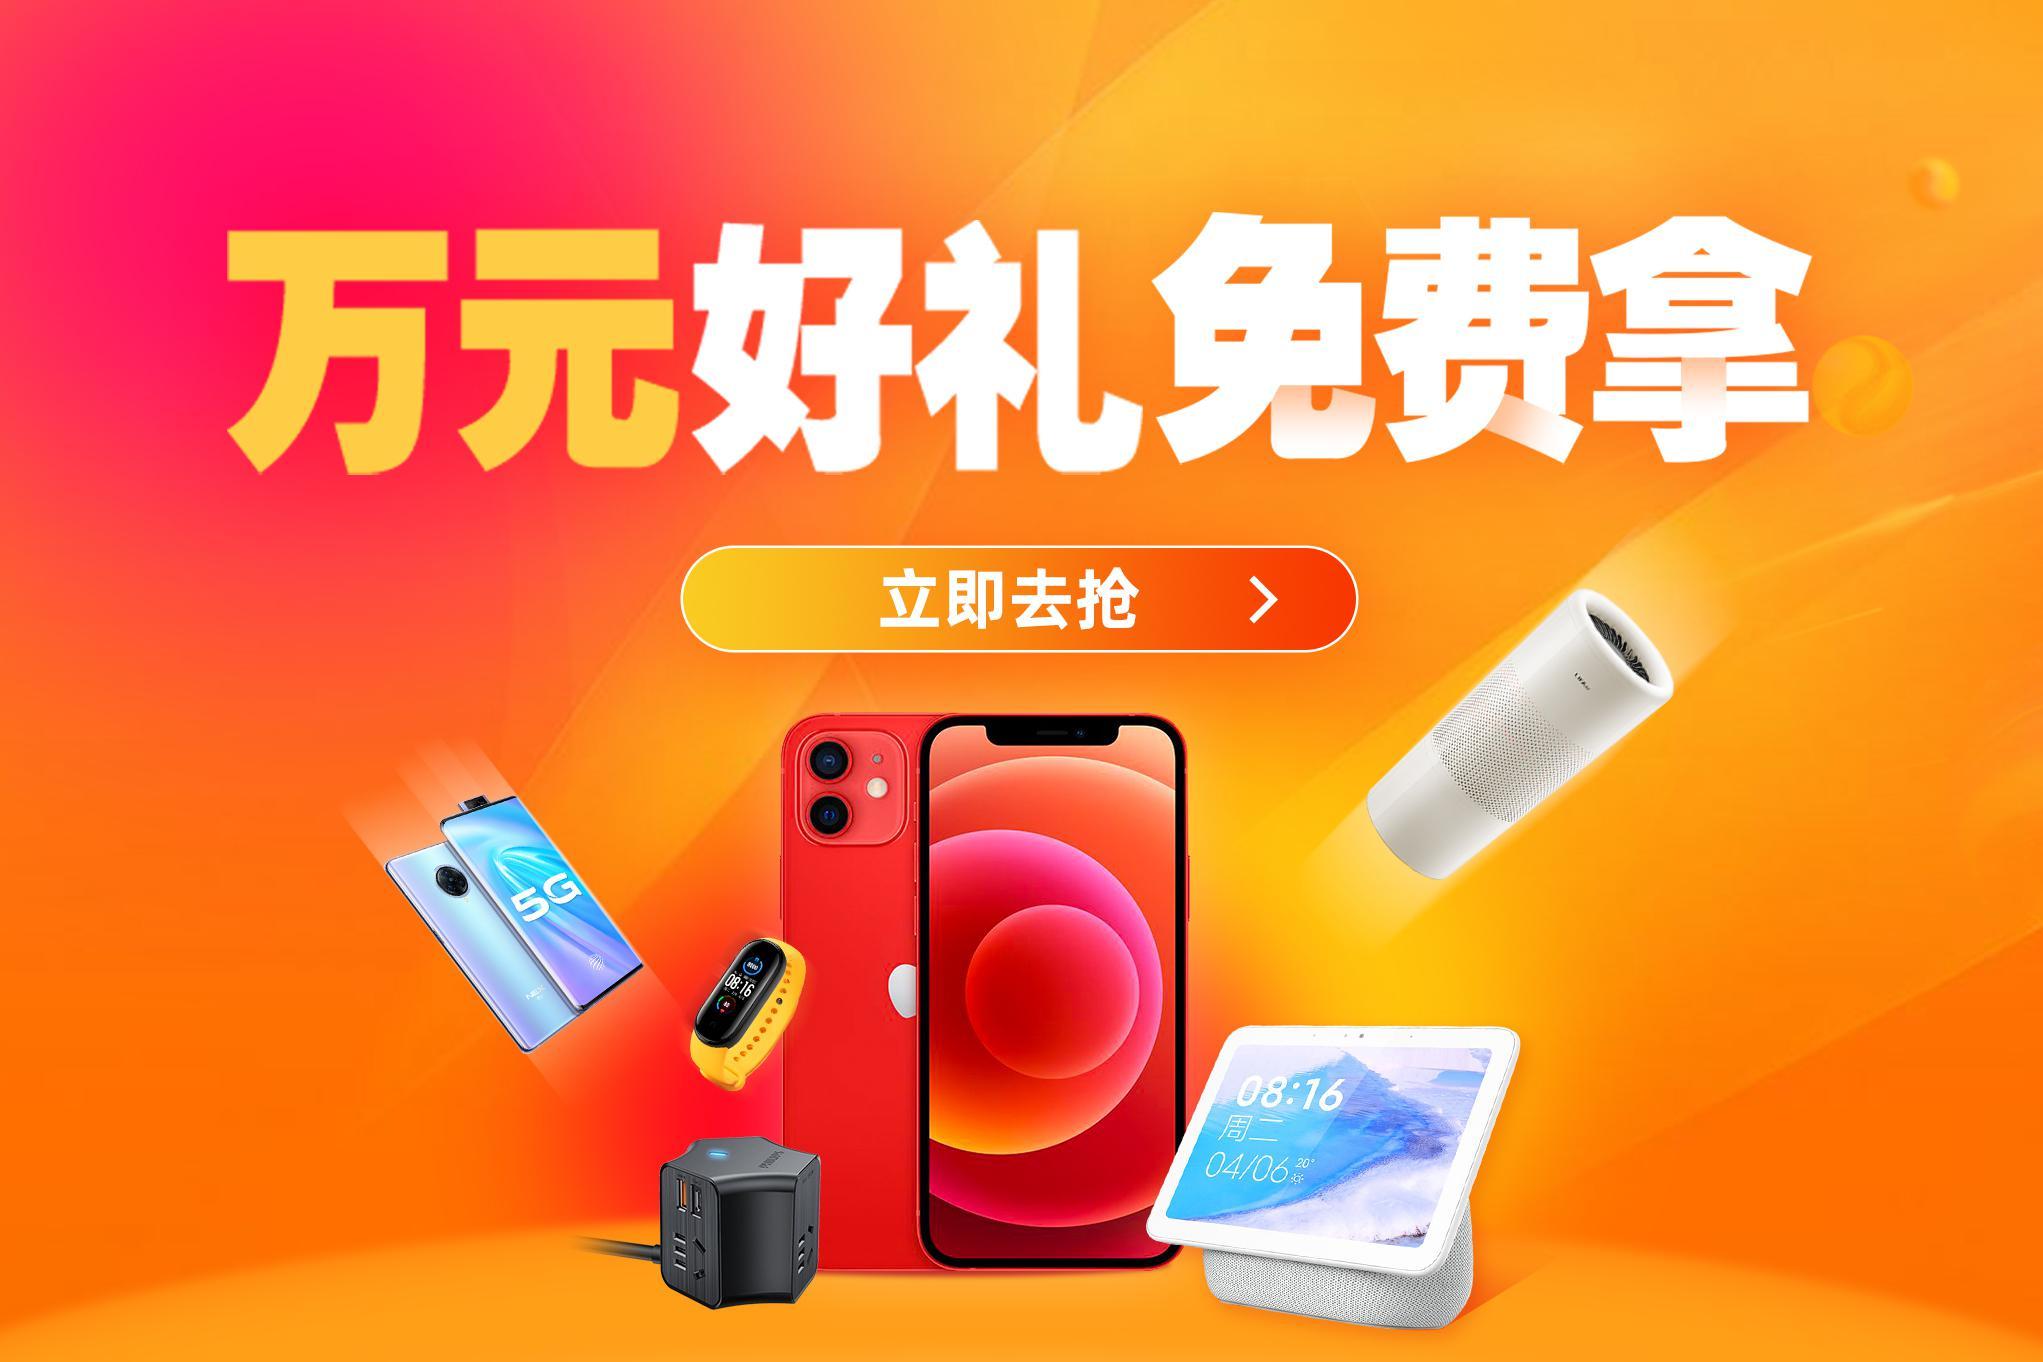 【万元产品免费拿】第一轮中奖名单公布!